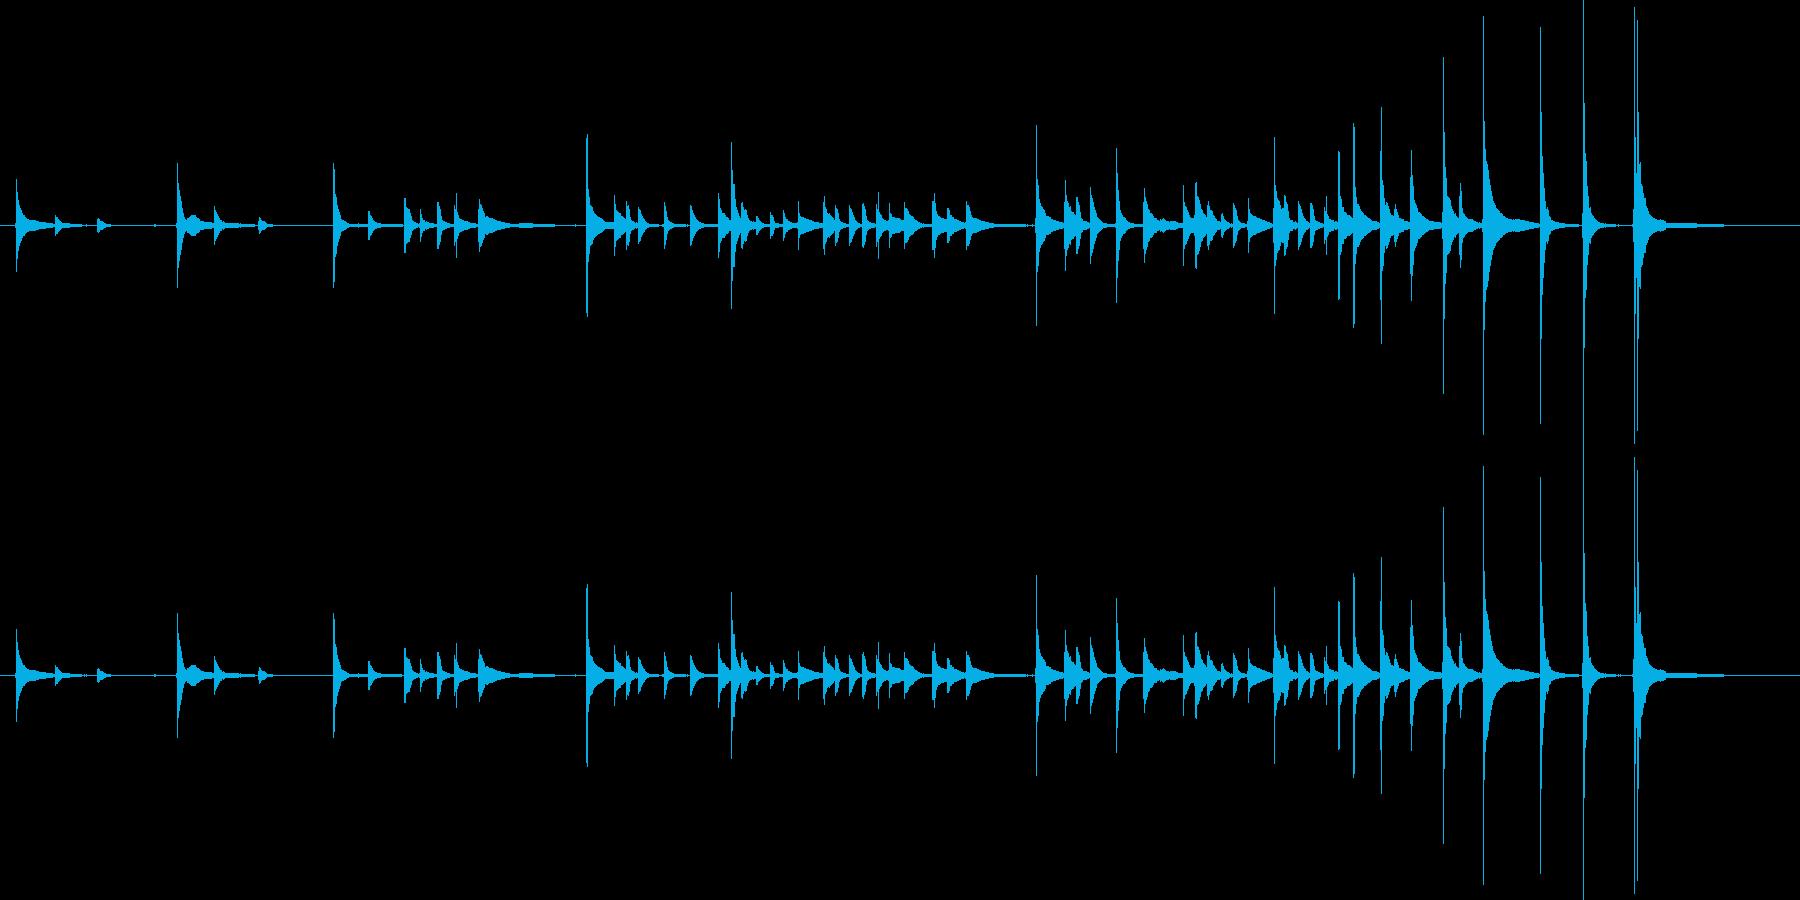 三味線レッスンの再生済みの波形